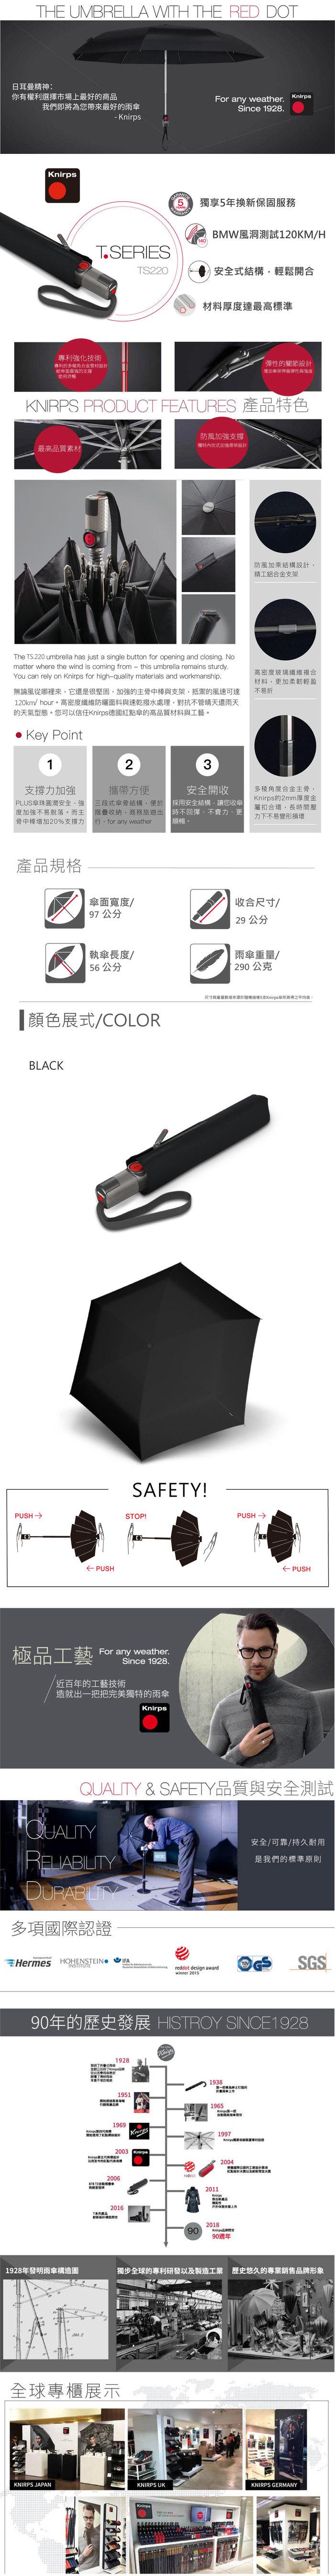 (複製)Knirps®德國紅點傘 TS.220 輕薄安全扁自動開收傘-Kelly Dark Navy